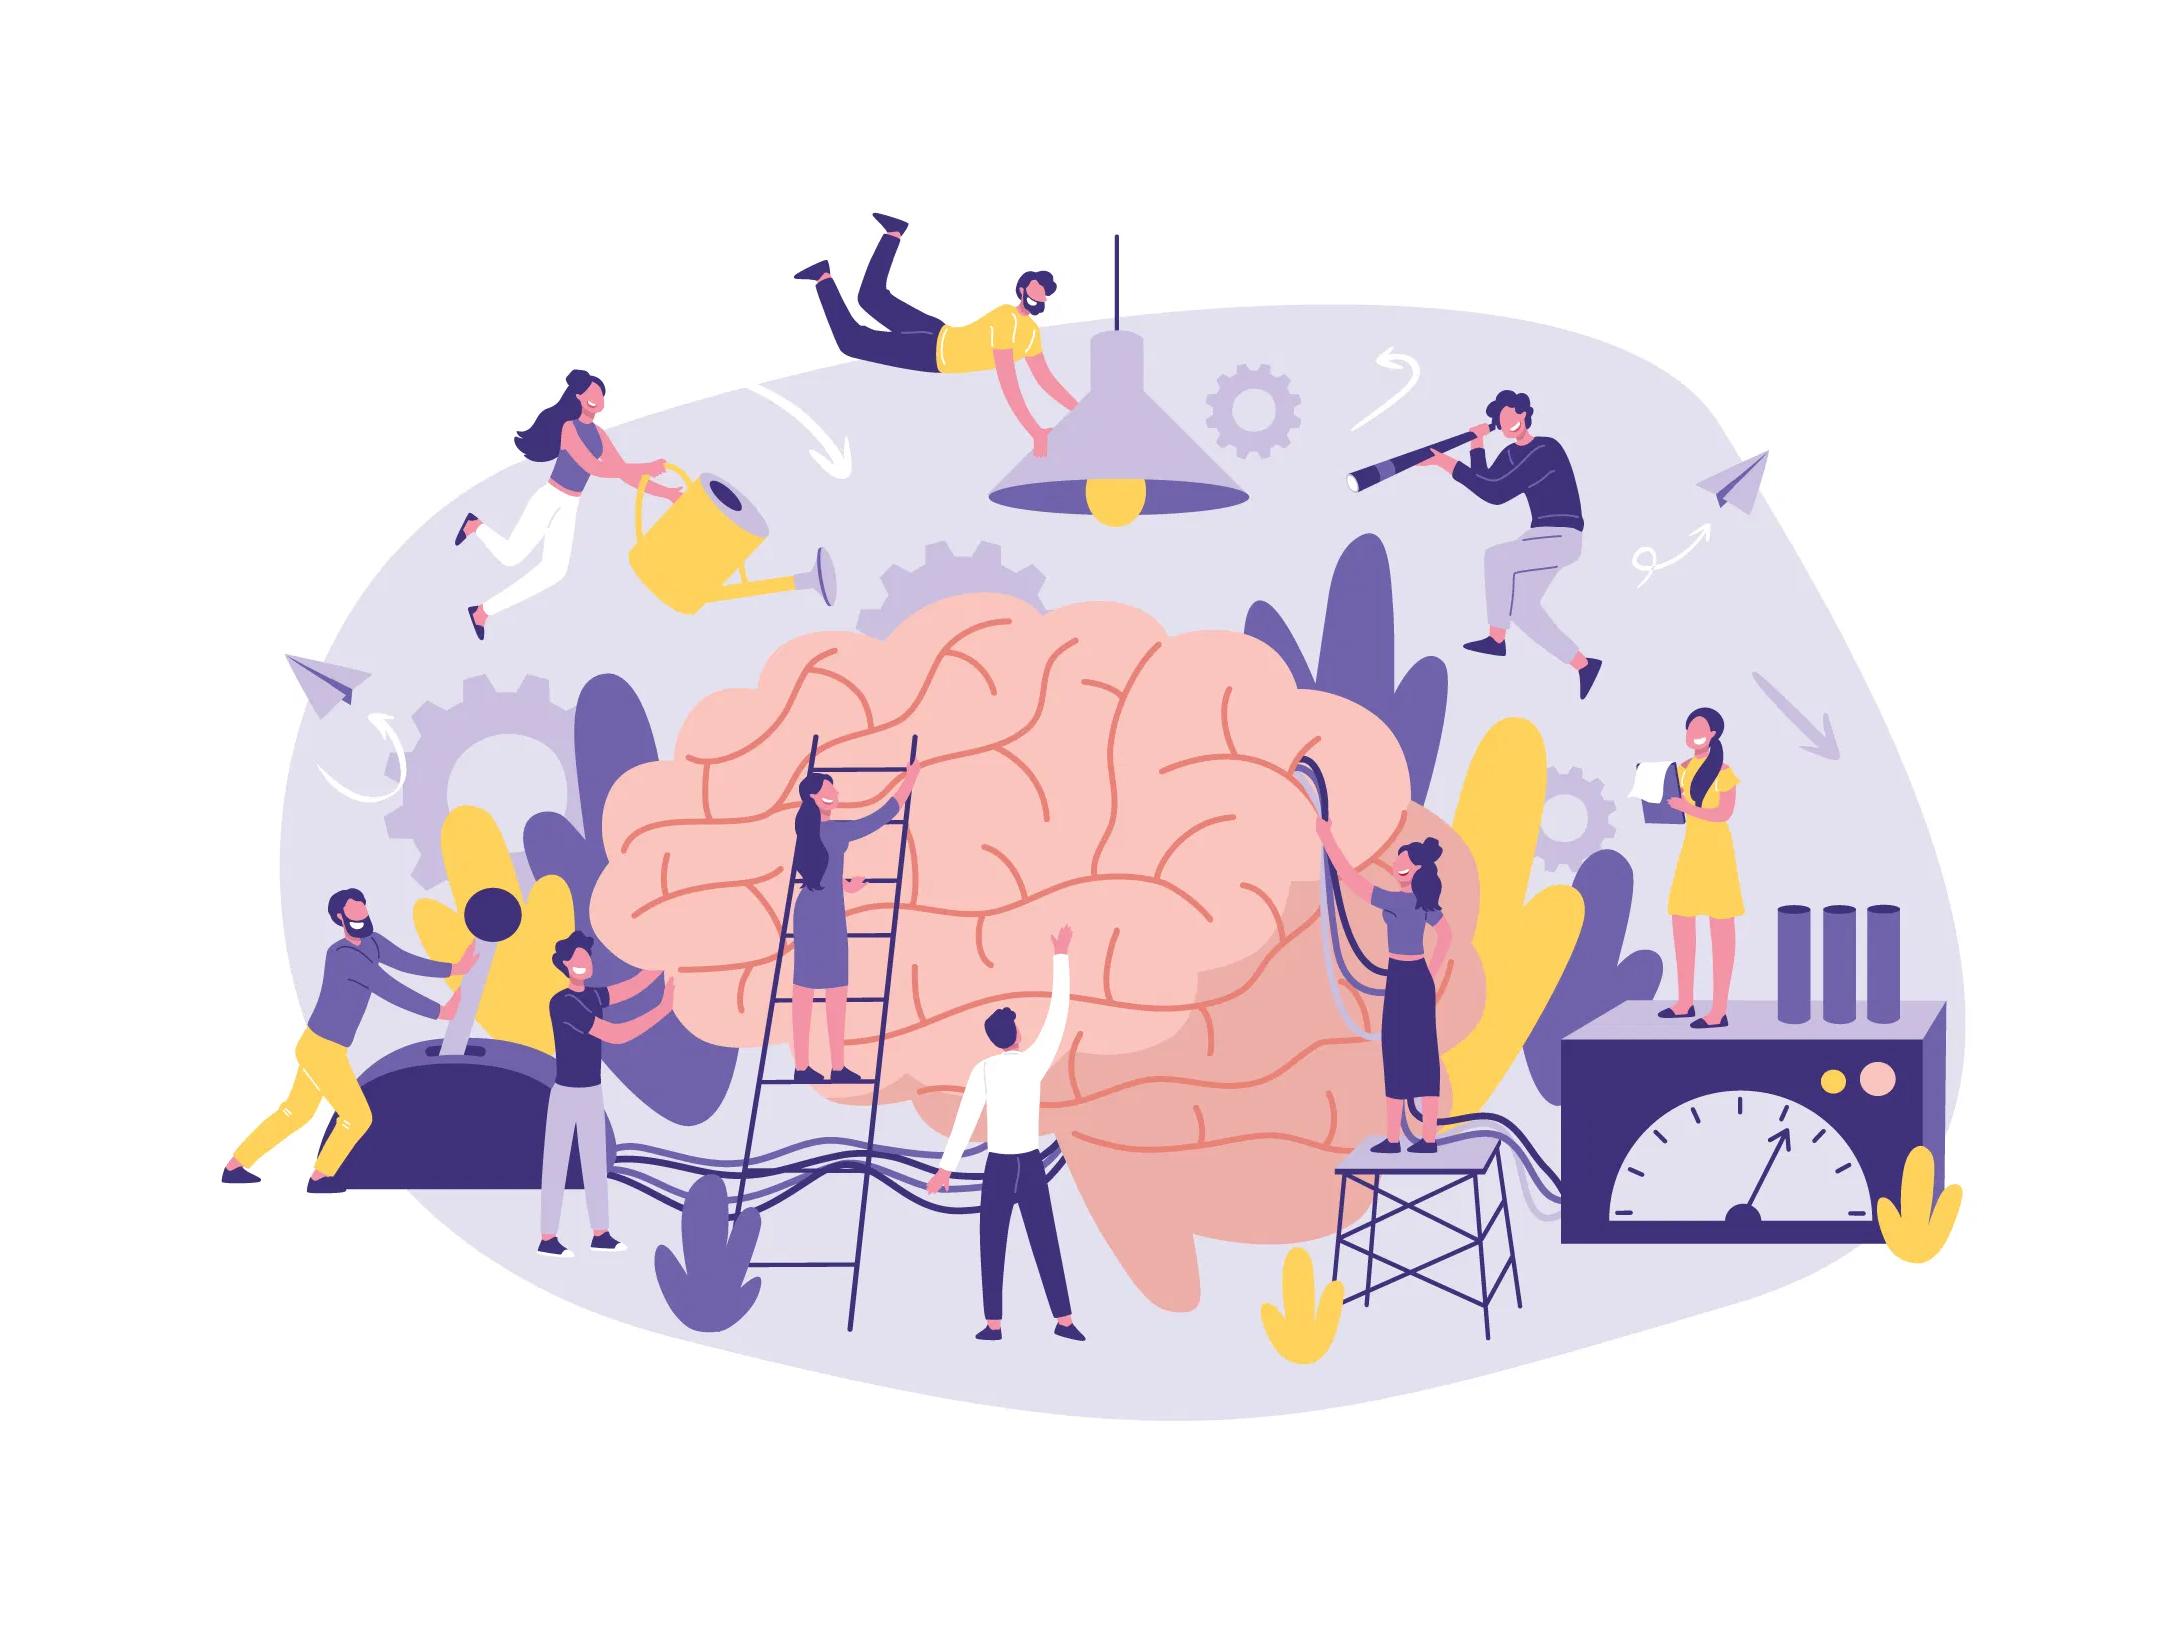 مذاکره و فروش موفق بر پایه ی نورومارکتینگ و تبلیغات